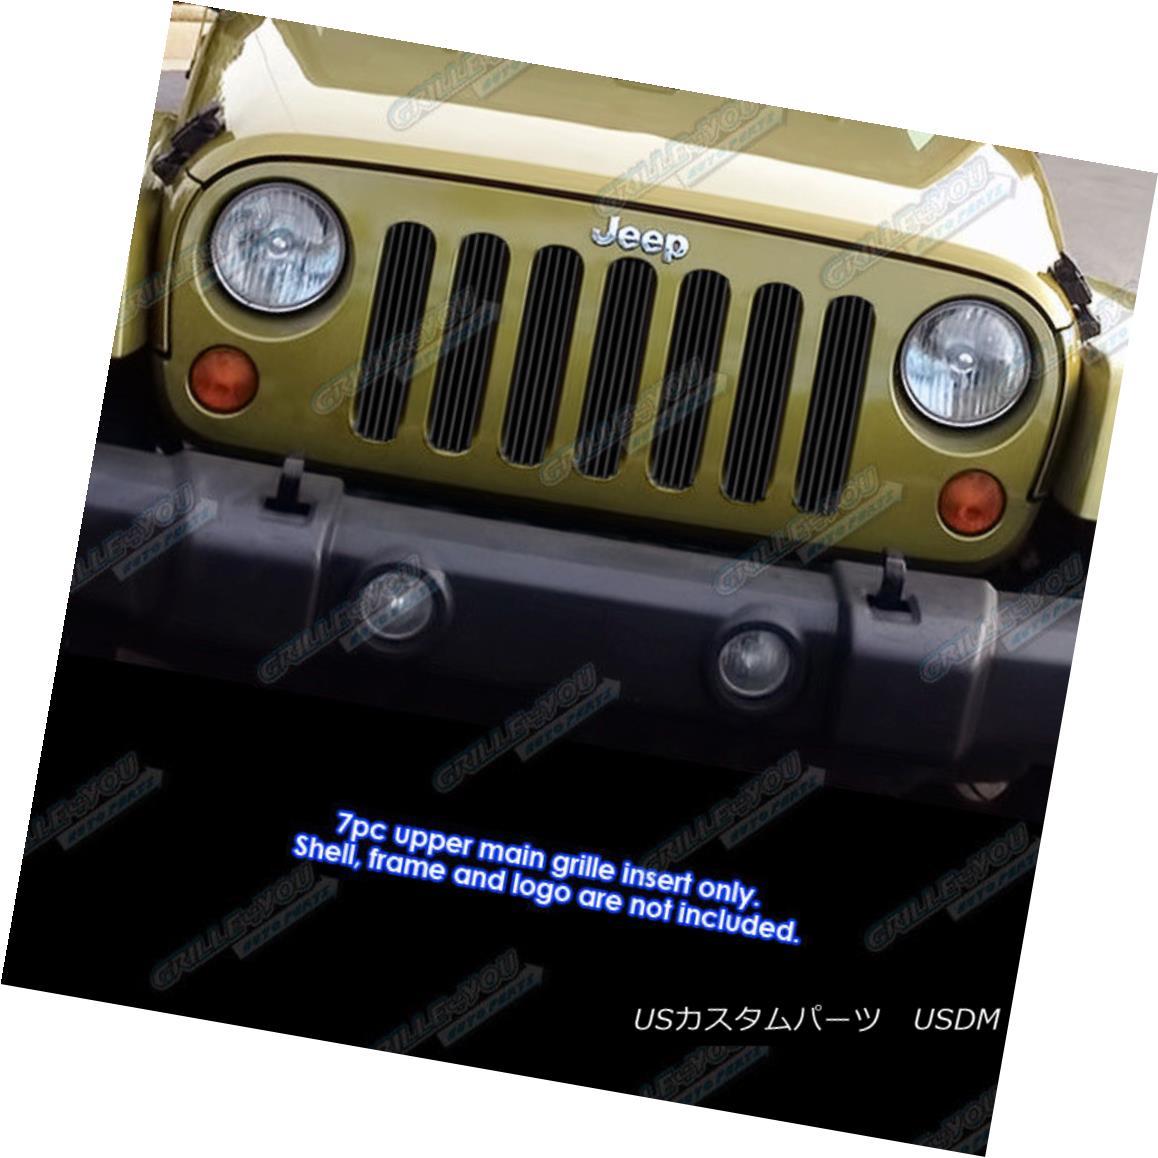 グリル Fits 2007-2018 Jeep Wrangler JK Only Vertical Style Black Billet Grille Insert フィット2007-2018ジープラングラーJKのみ垂直スタイルブラックビレットグリルインサート